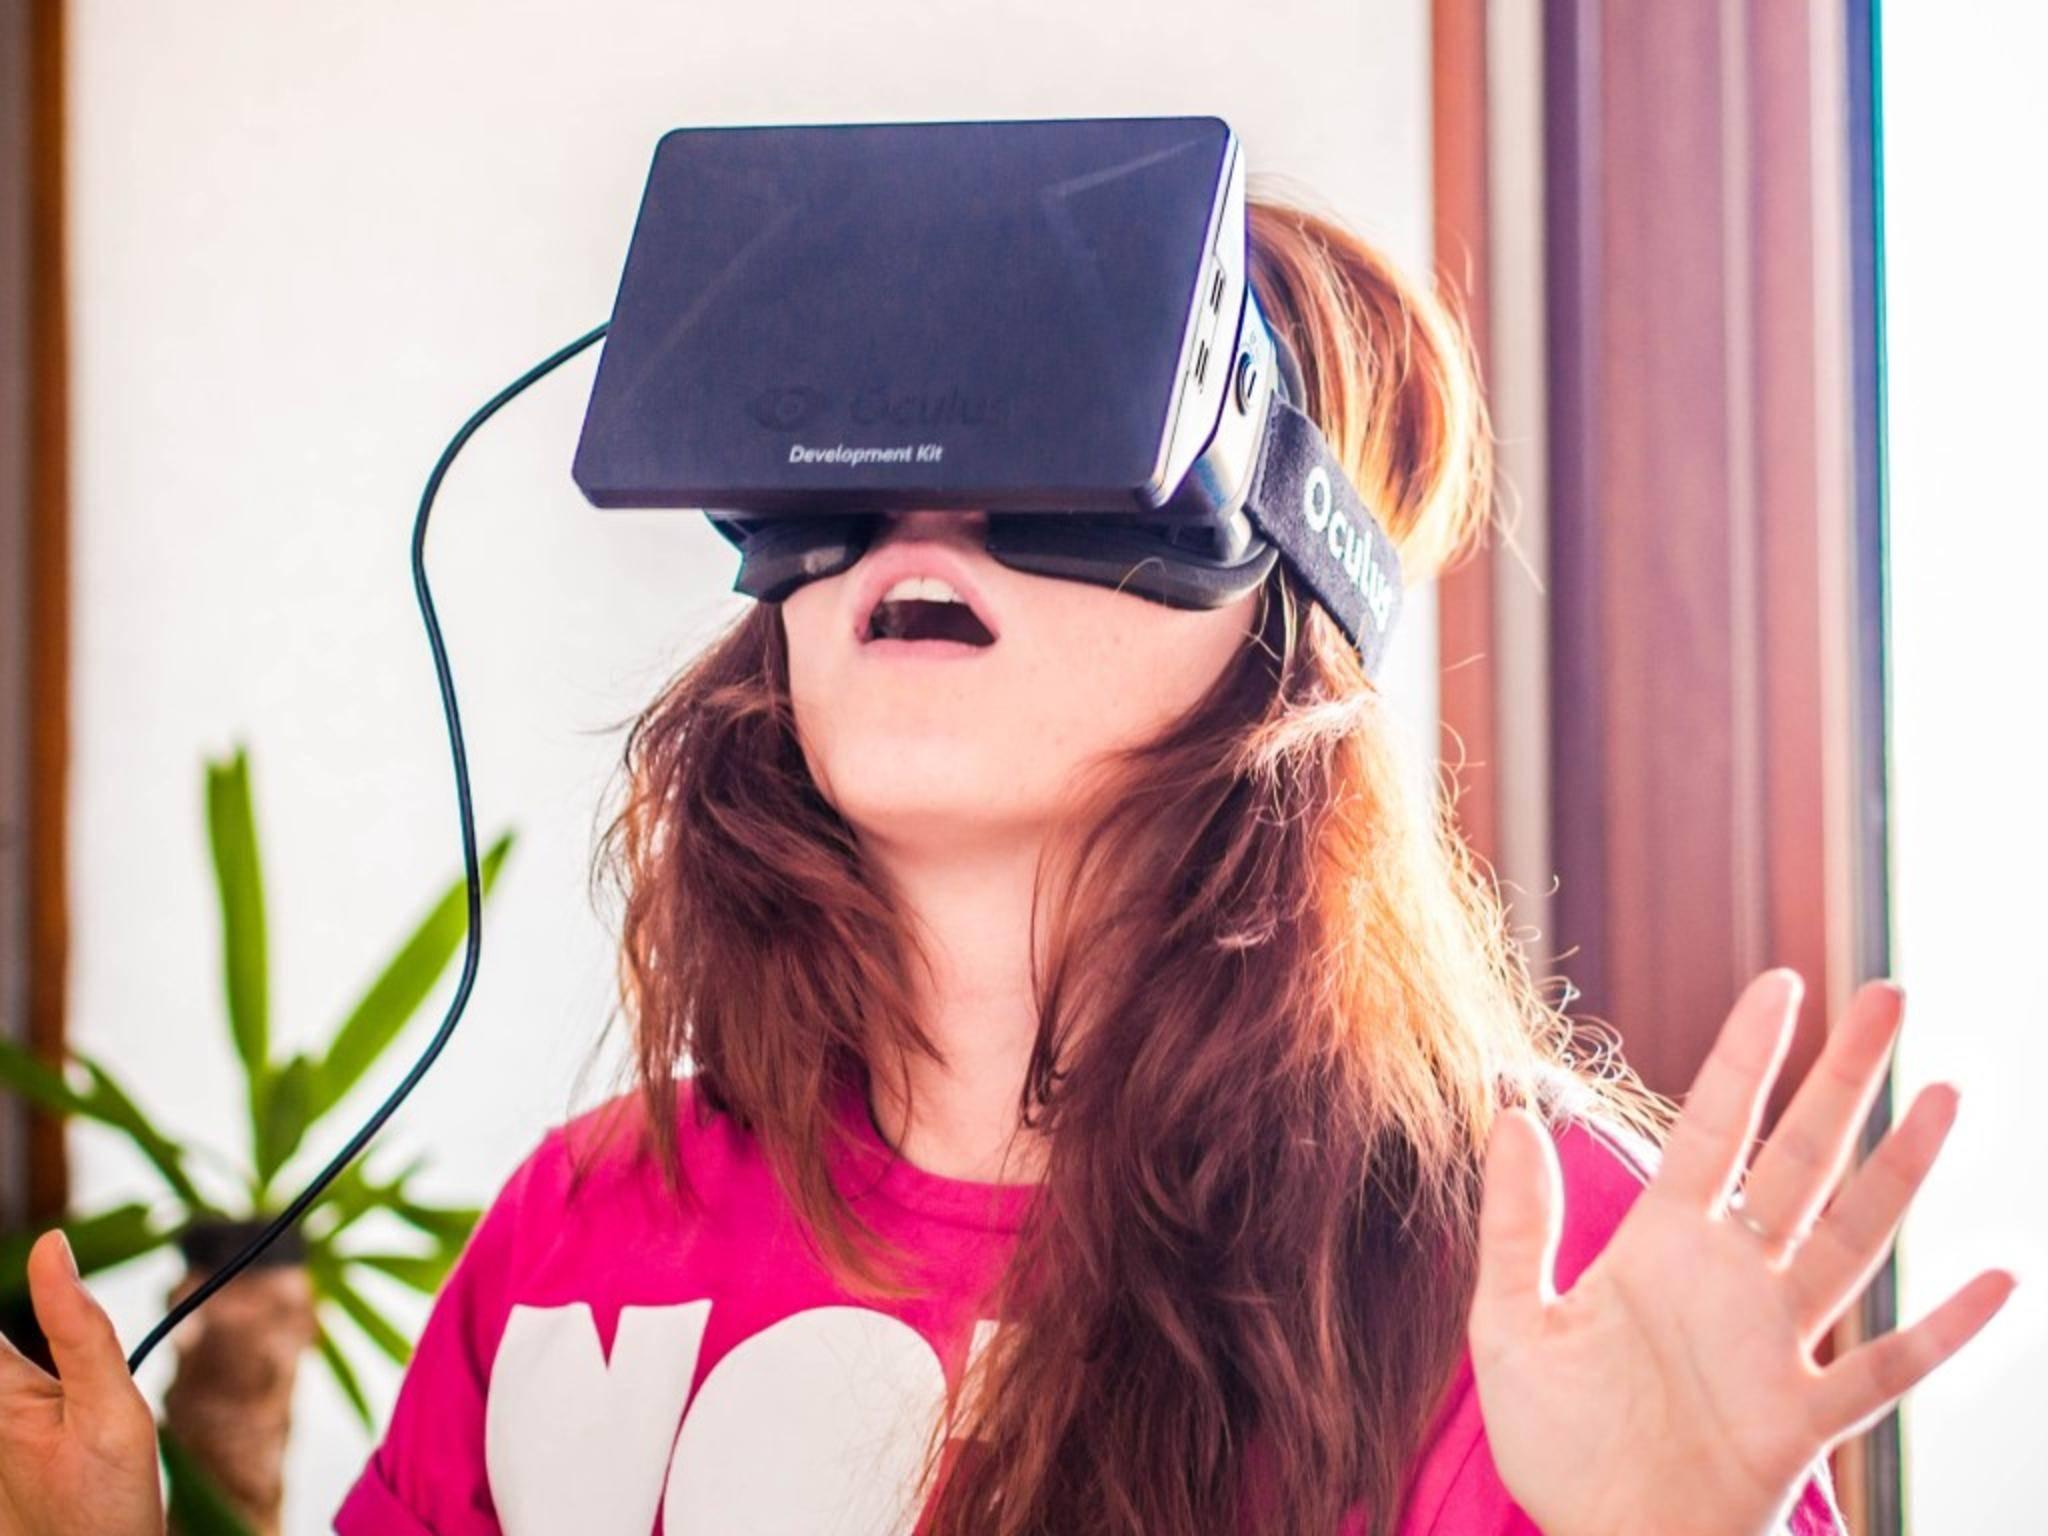 Die Brille Oculus Rift erlaubt intensive räumliche Erlebnisse.